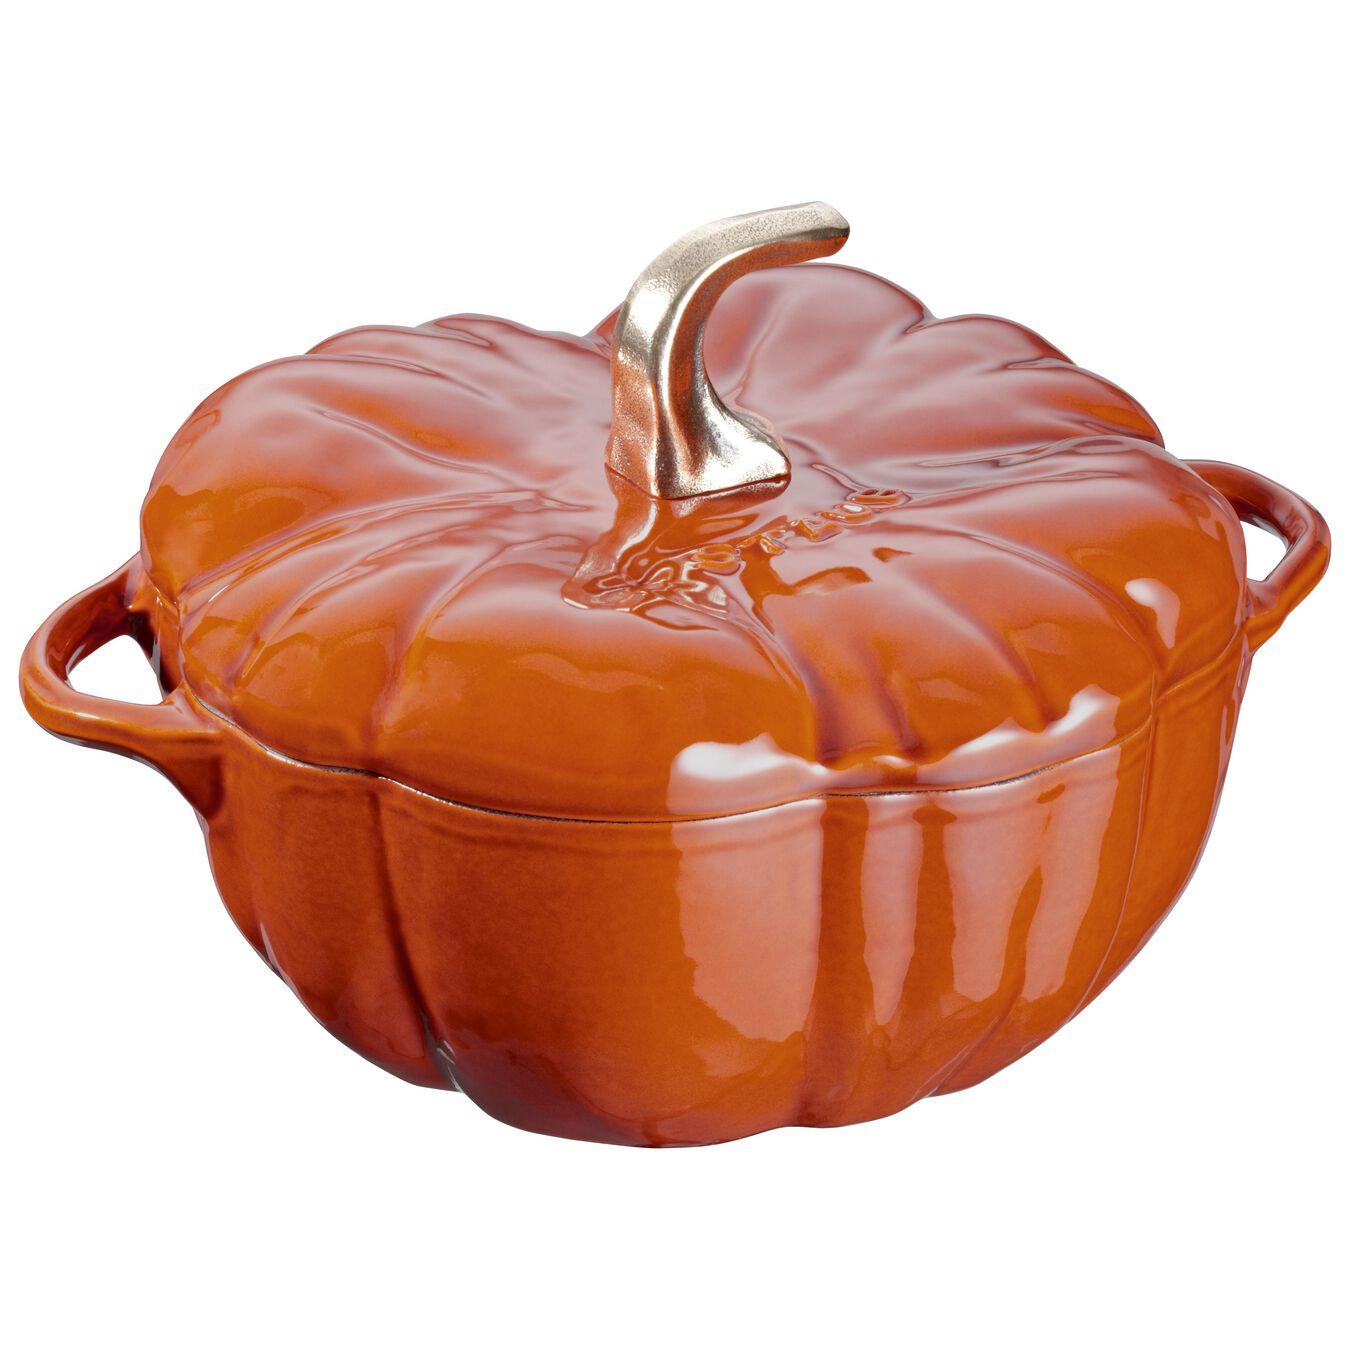 Cocotte en fonte 24 cm / 3,5 l, Potiron, Cannelle,,large 1